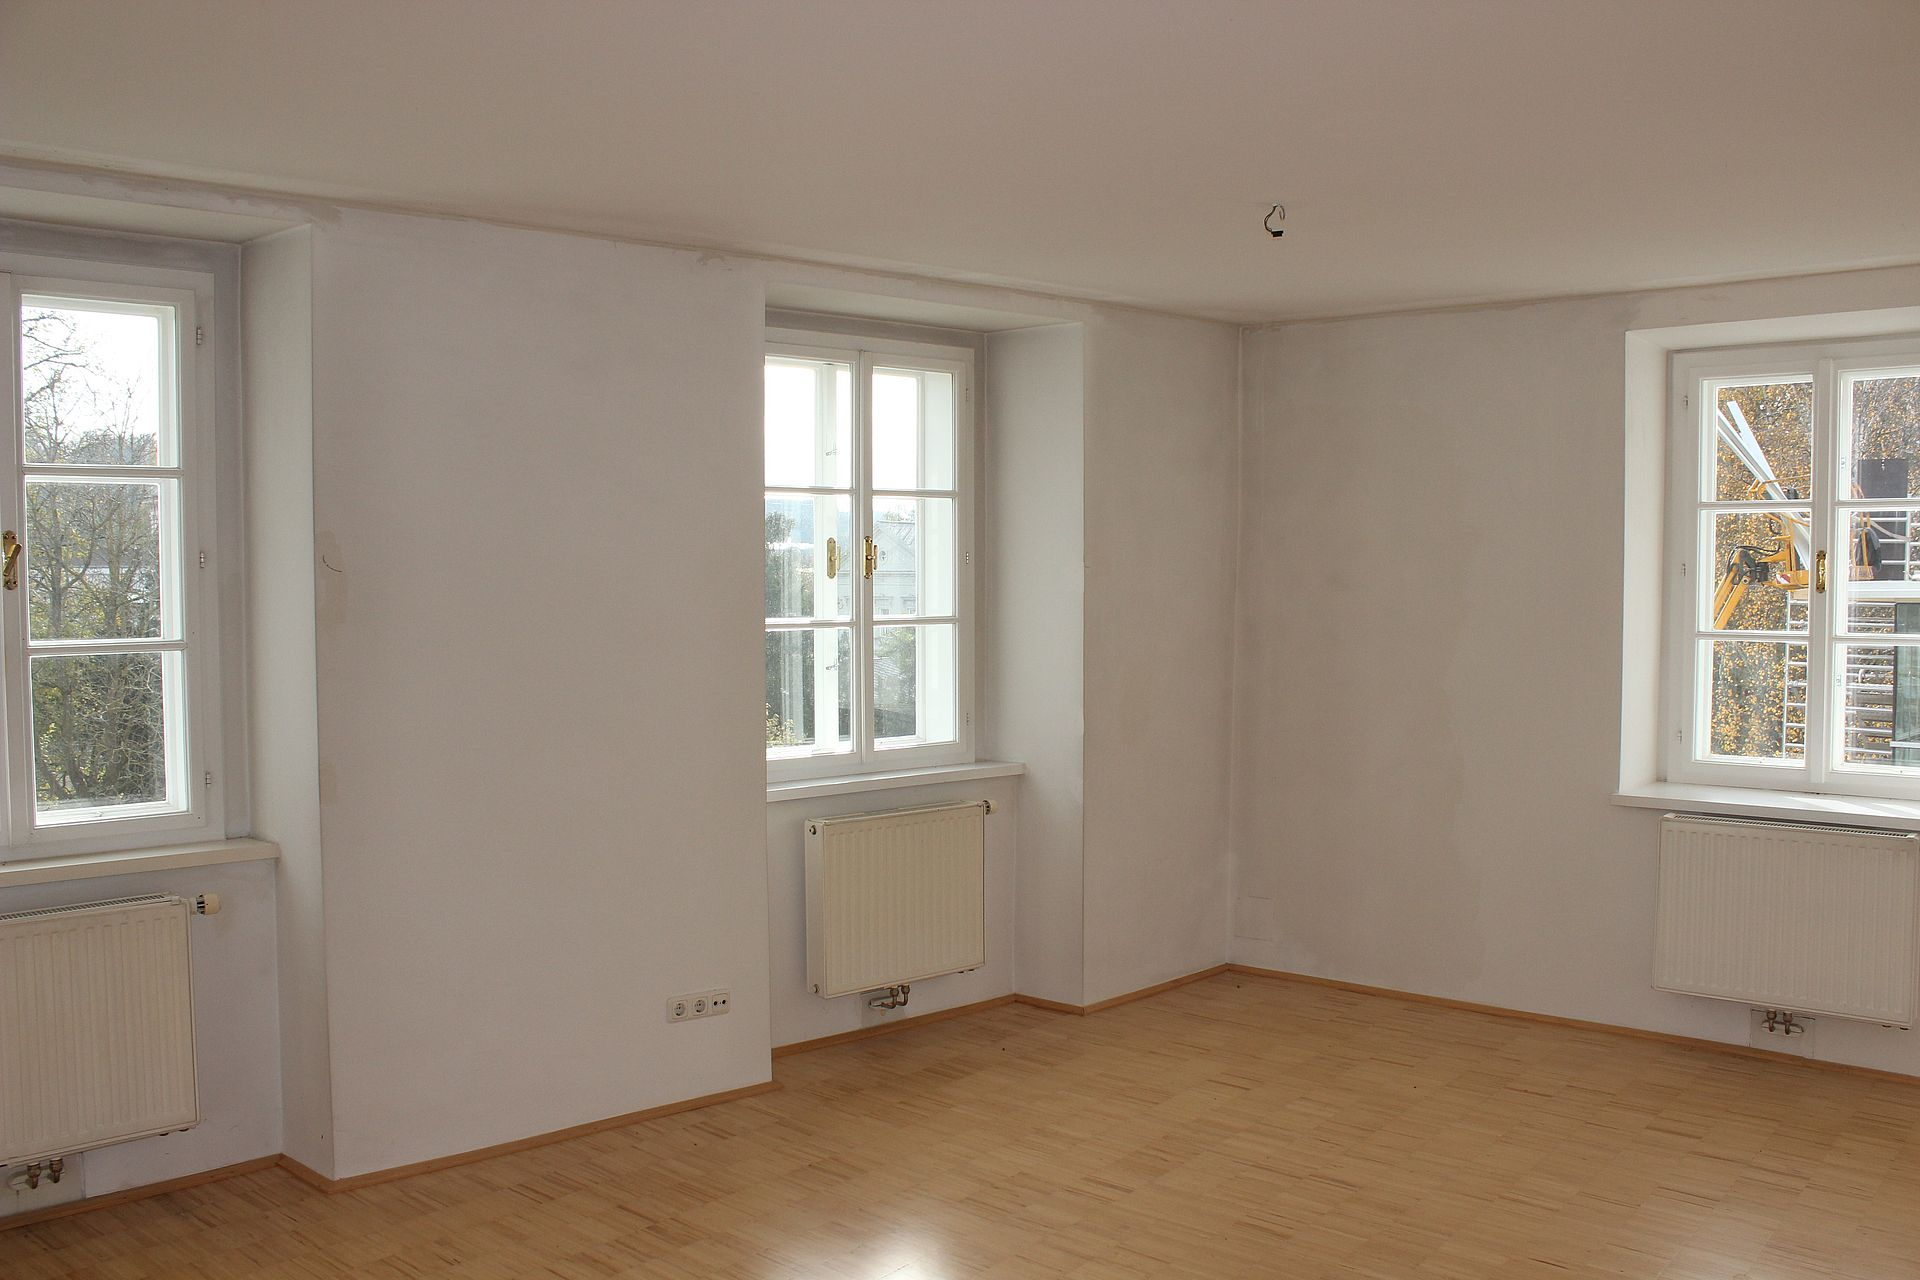 Wohnung 11, Minoritengasse 3